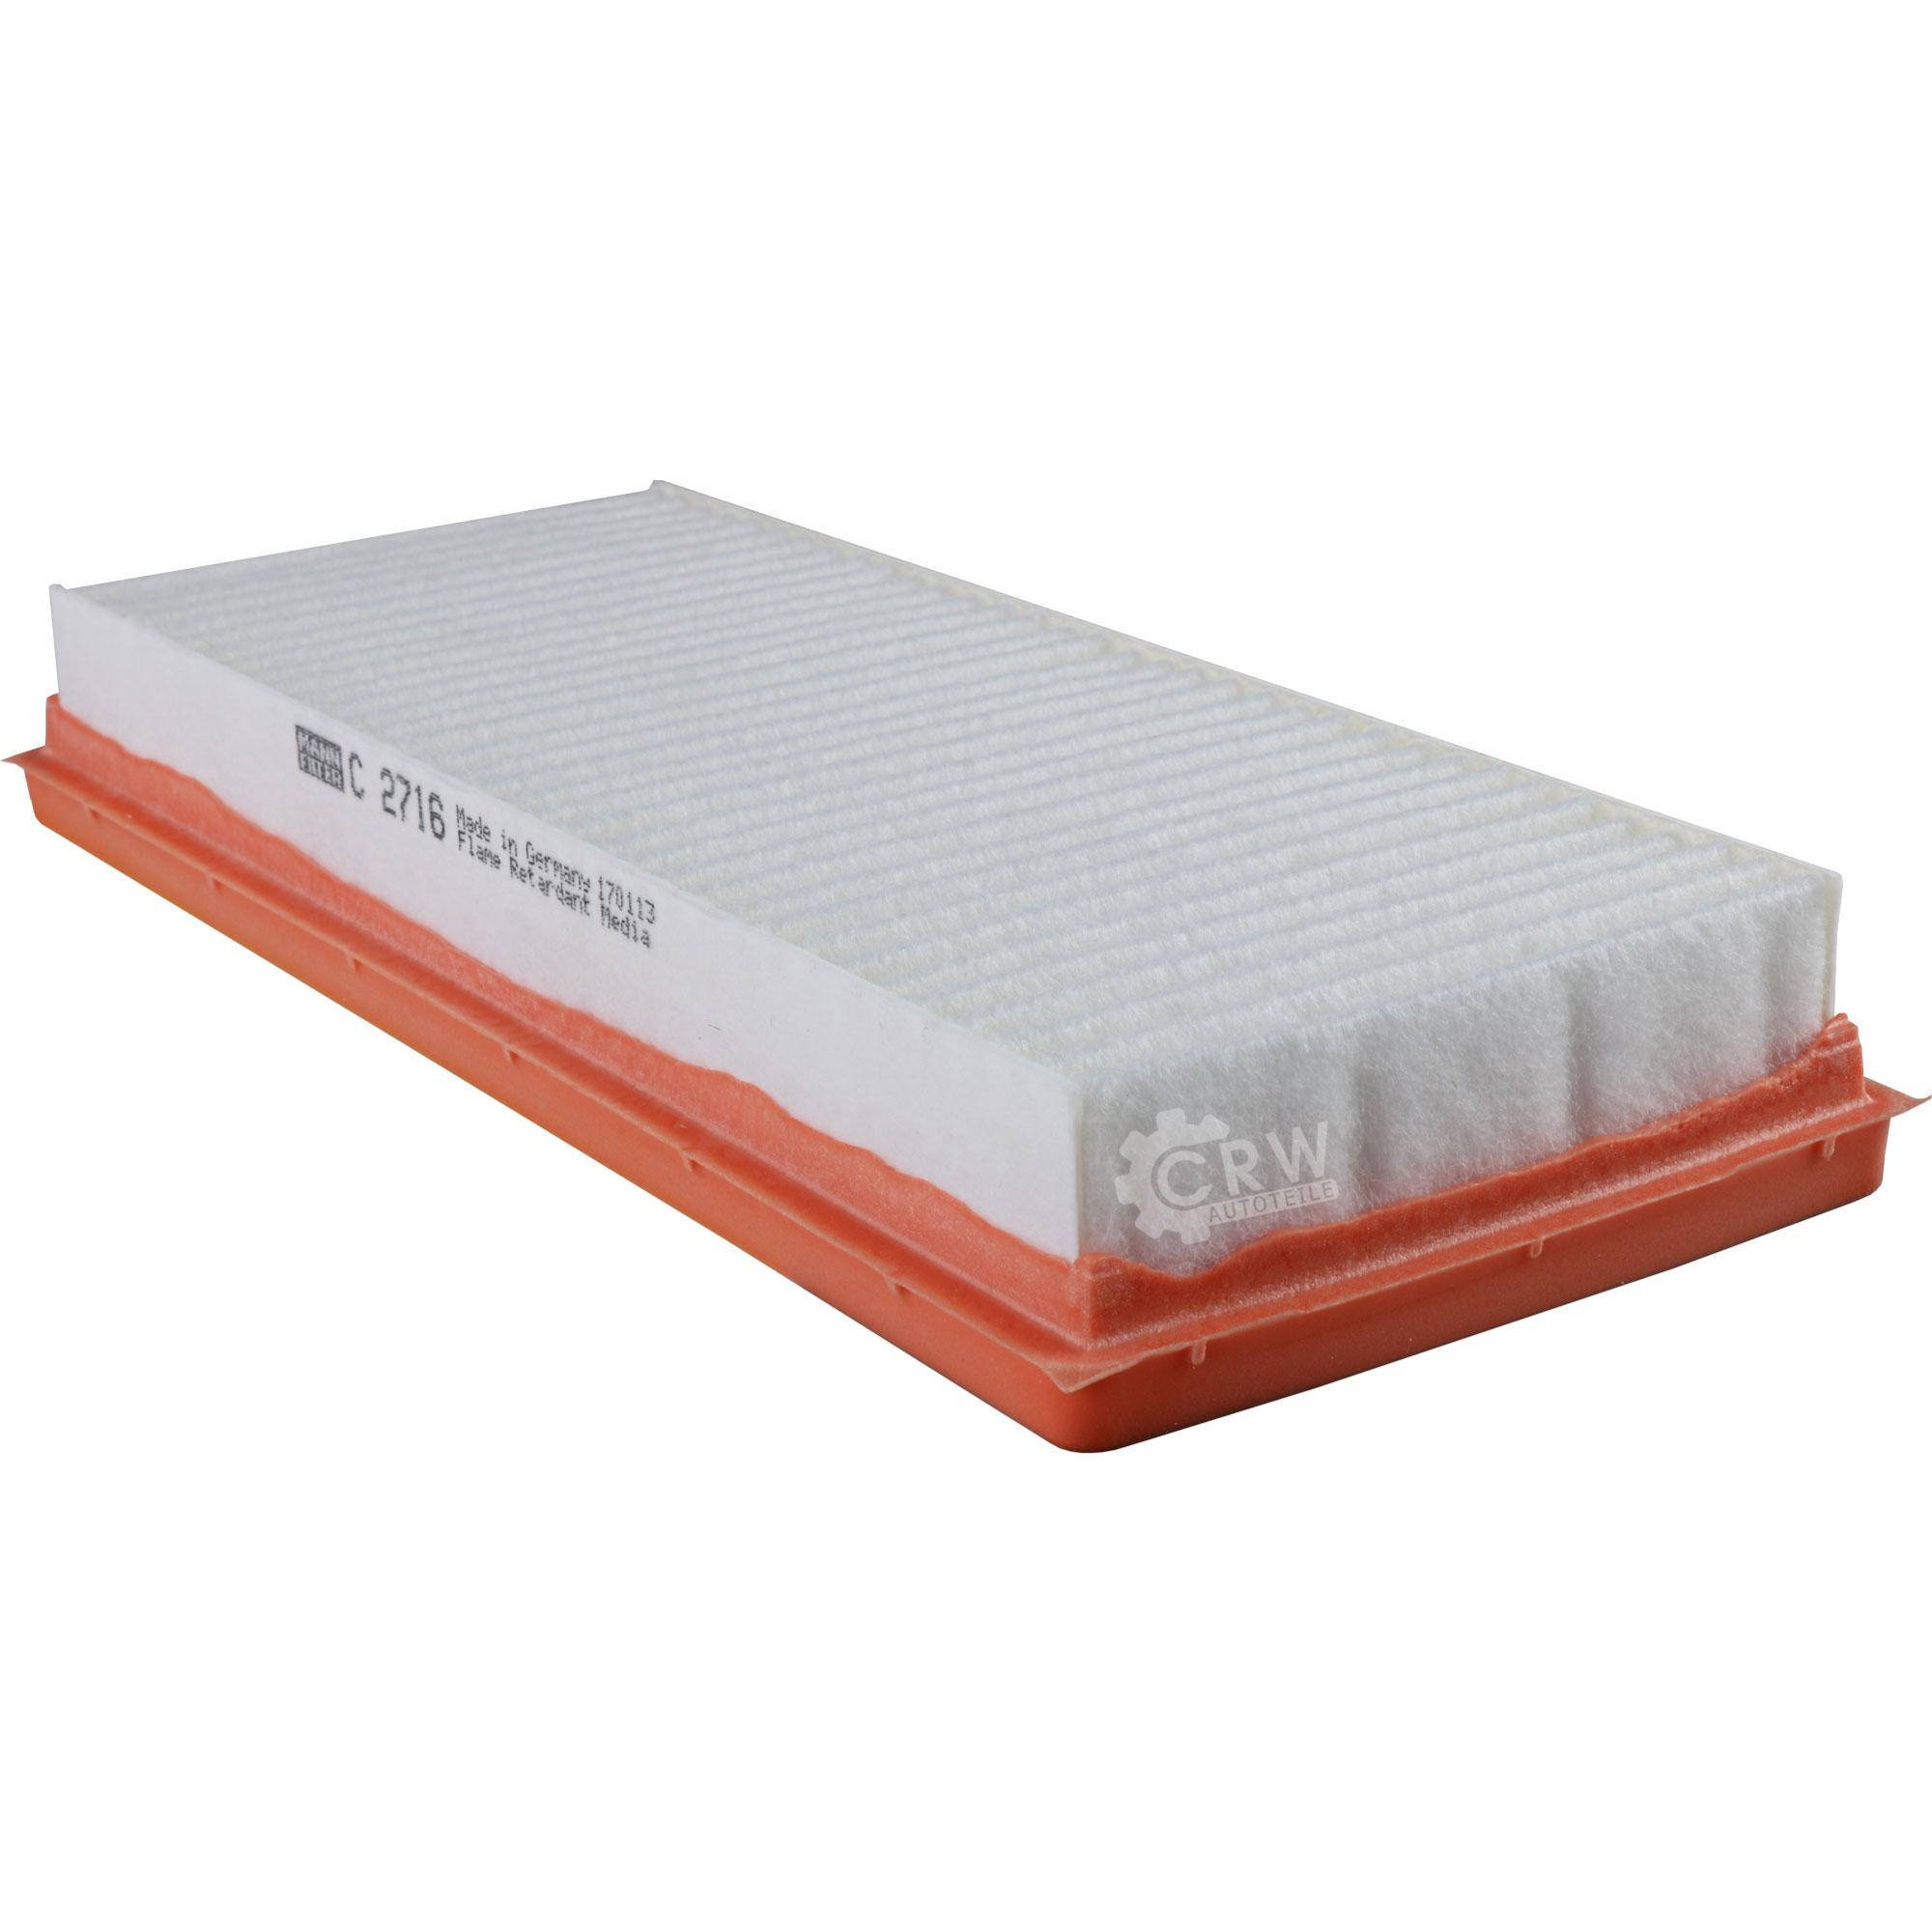 Inspektionspaket-5L-Mercedes-Ol-229-51-5W30-MANN-Filterpaket-11104094 Indexbild 11